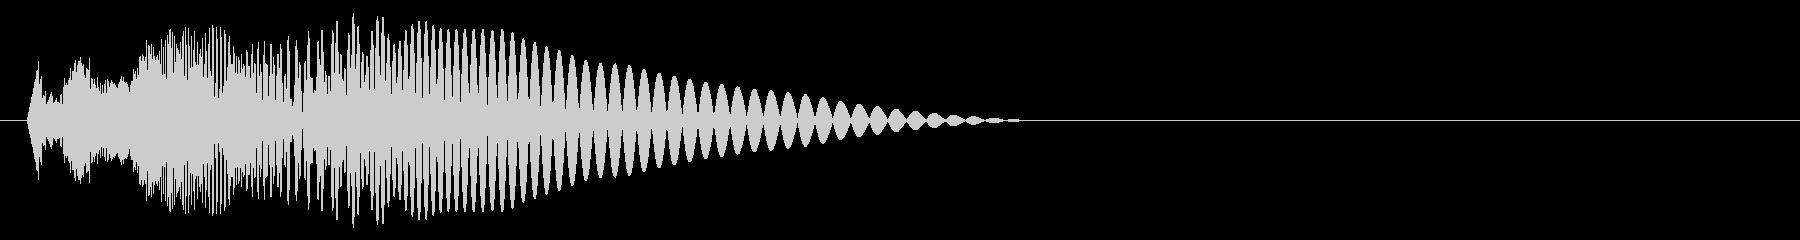 ハードソリッドレーザーショット、ス...の未再生の波形